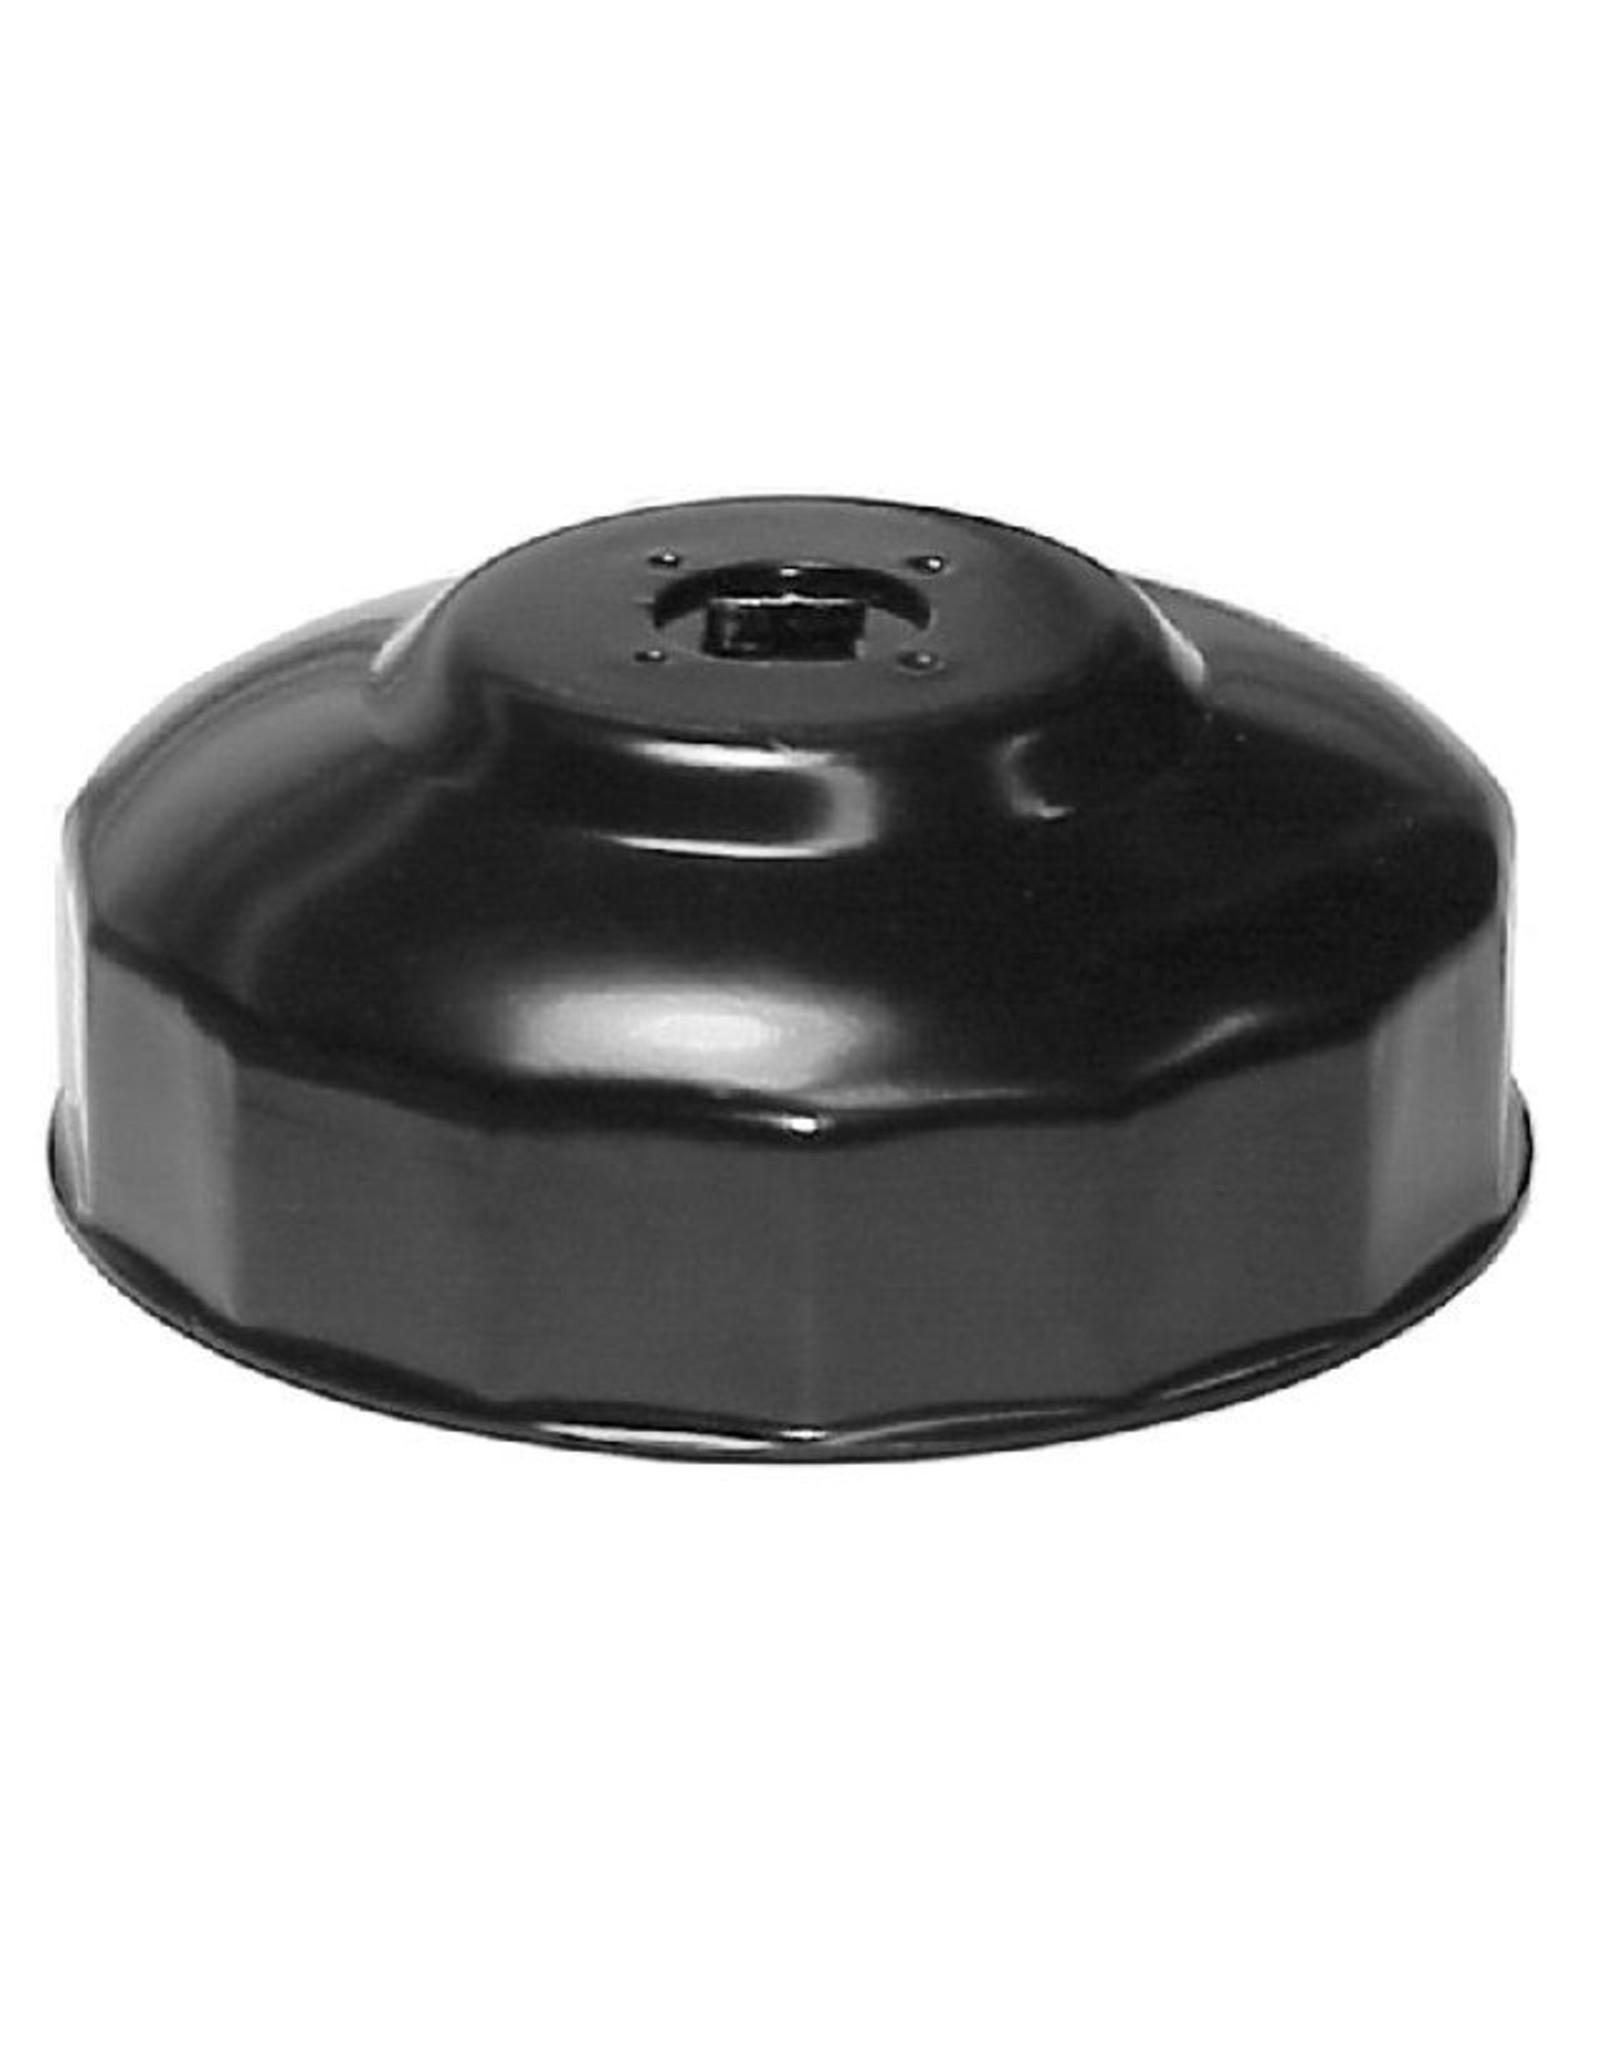 Hebor Watersport Quicksilver oliefilter sleutel voor: 35-877761Q01